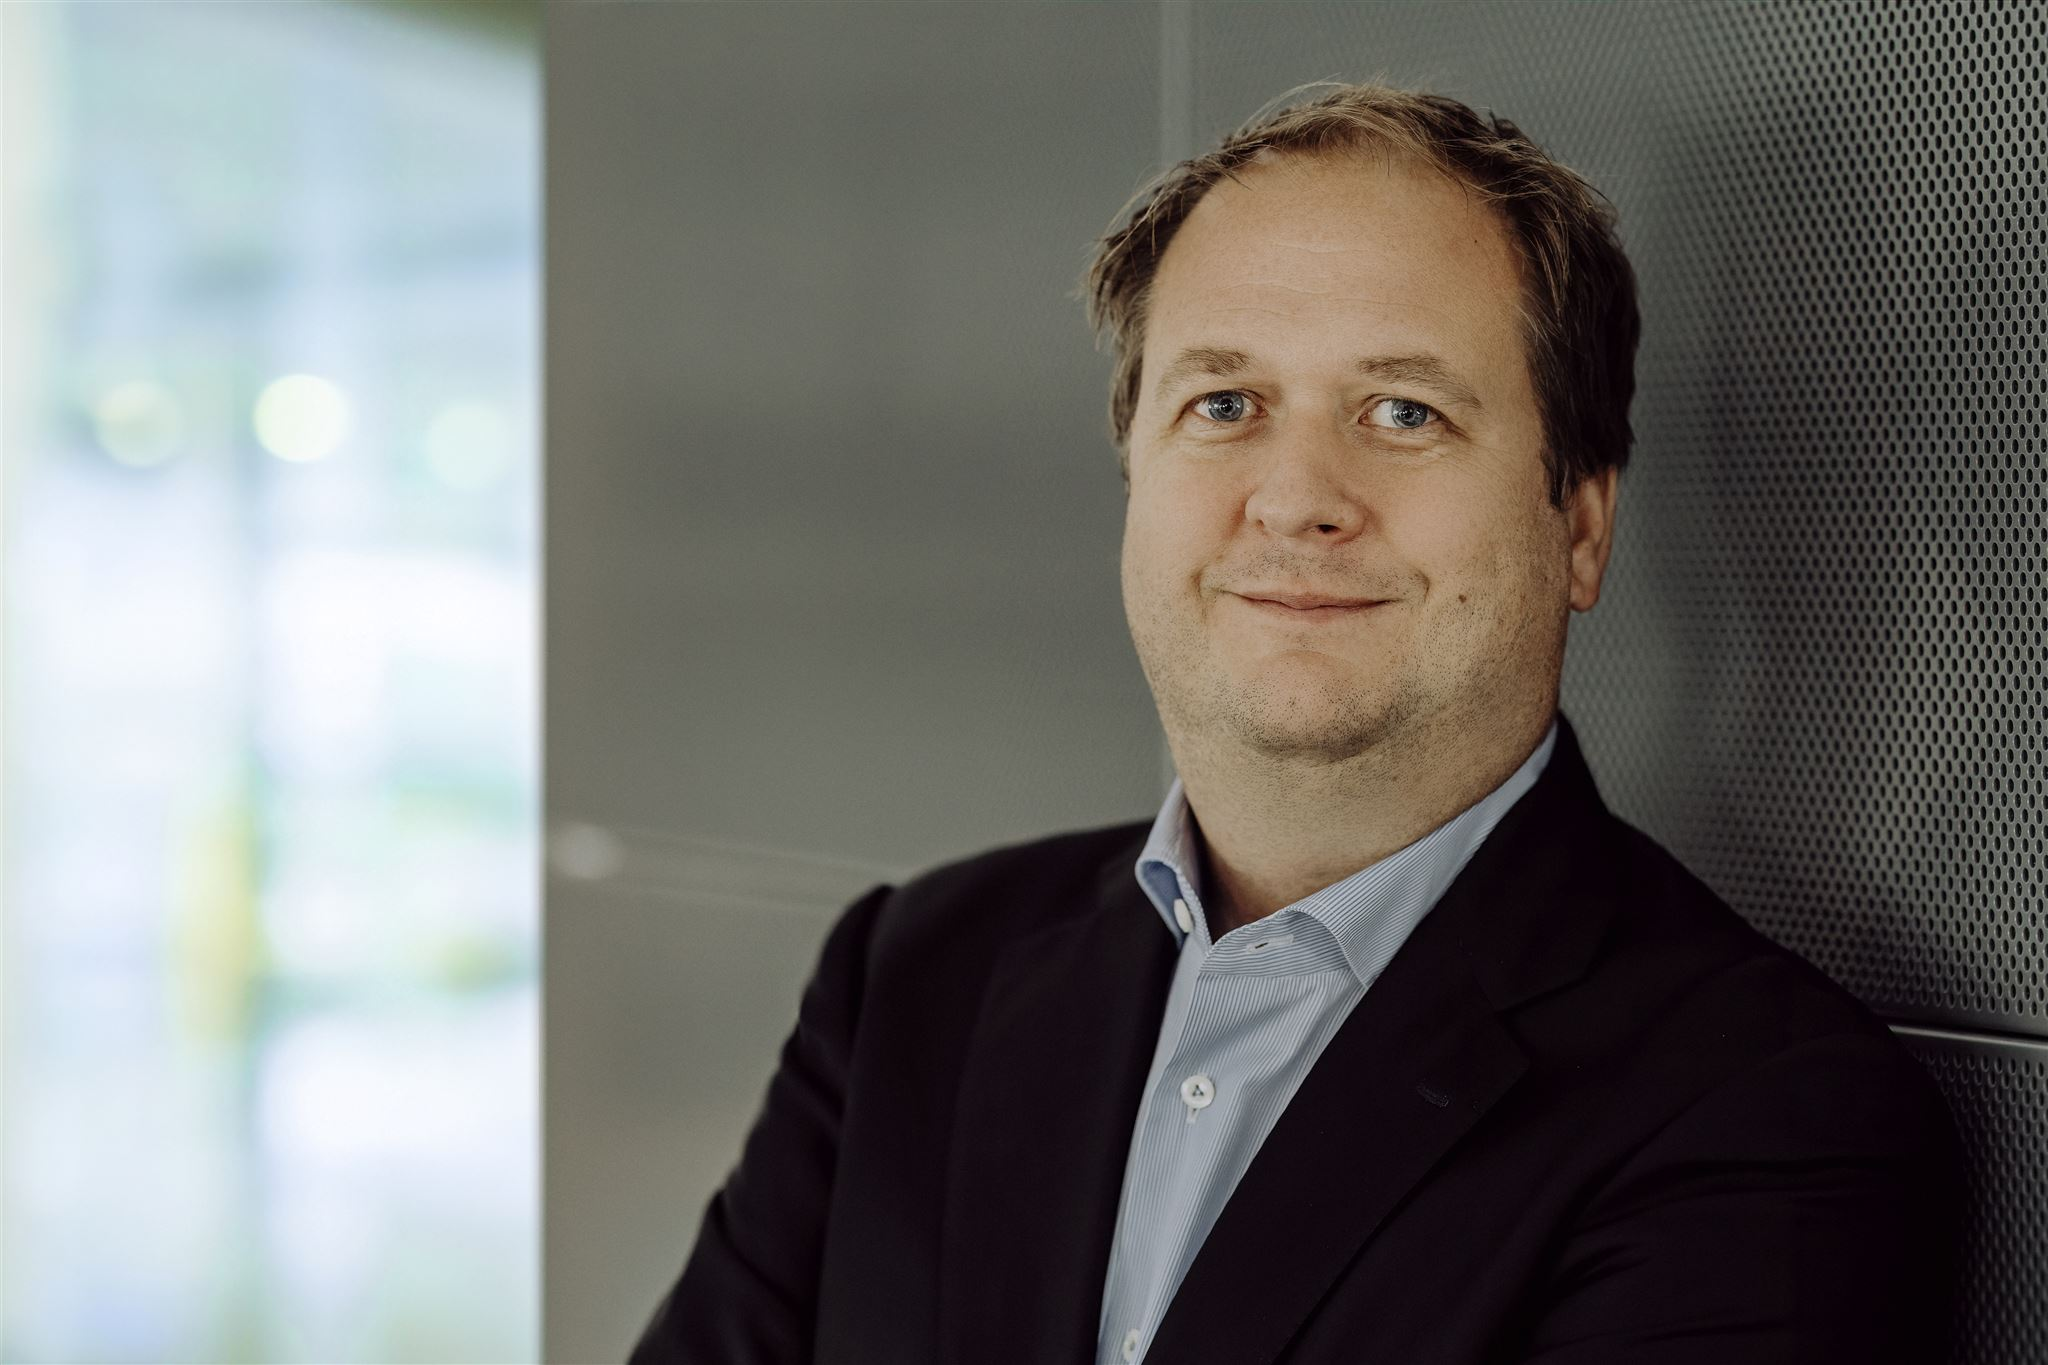 Lars Kuchenbuch